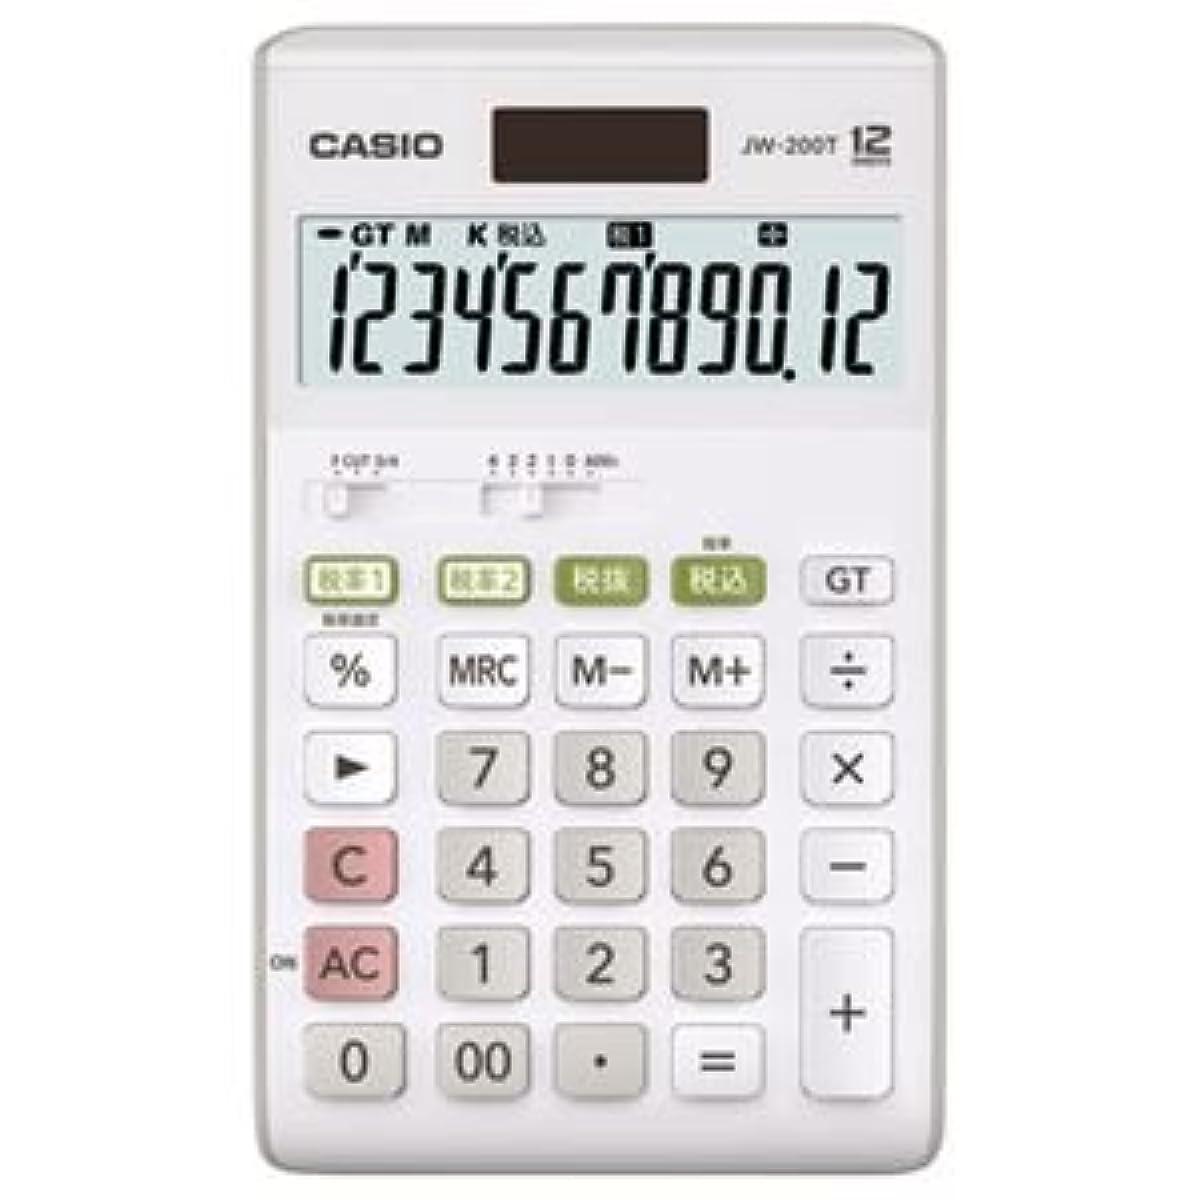 思慮のない相続人スクリーチ(まとめ) カシオ CASIO W税率電卓 12桁 ジャストタイプ JW-200T-N 1台 【×2セット】 ds-1581251